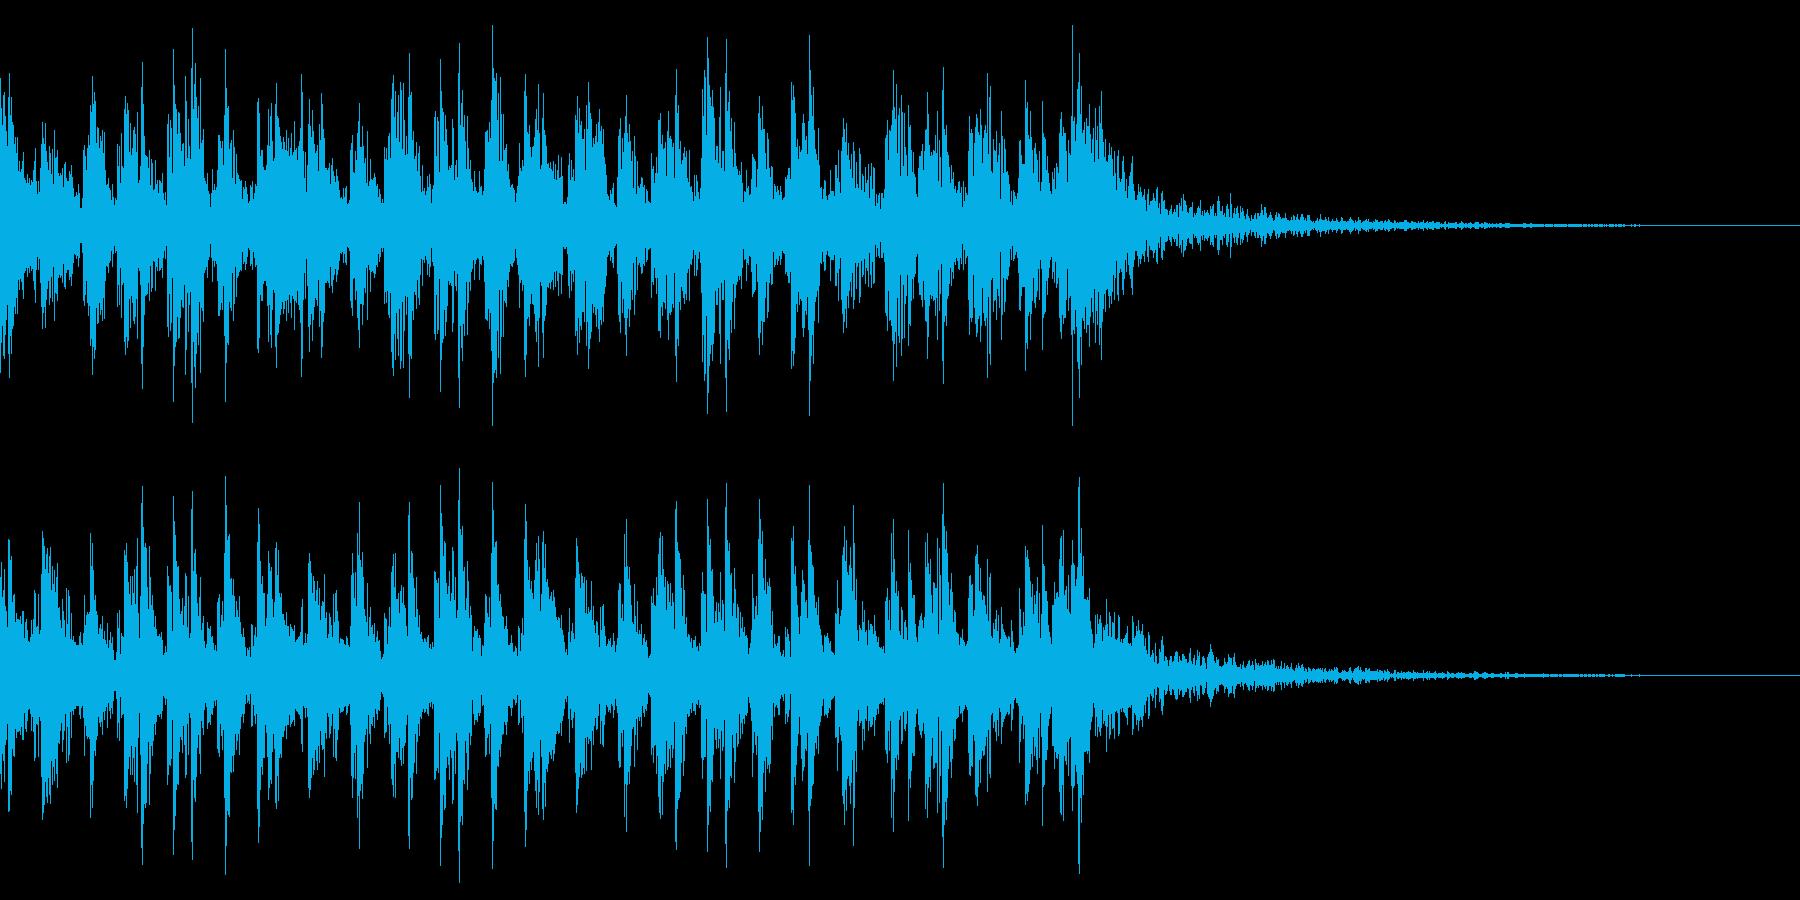 和風 三味線 ジングル アップ 正月の再生済みの波形